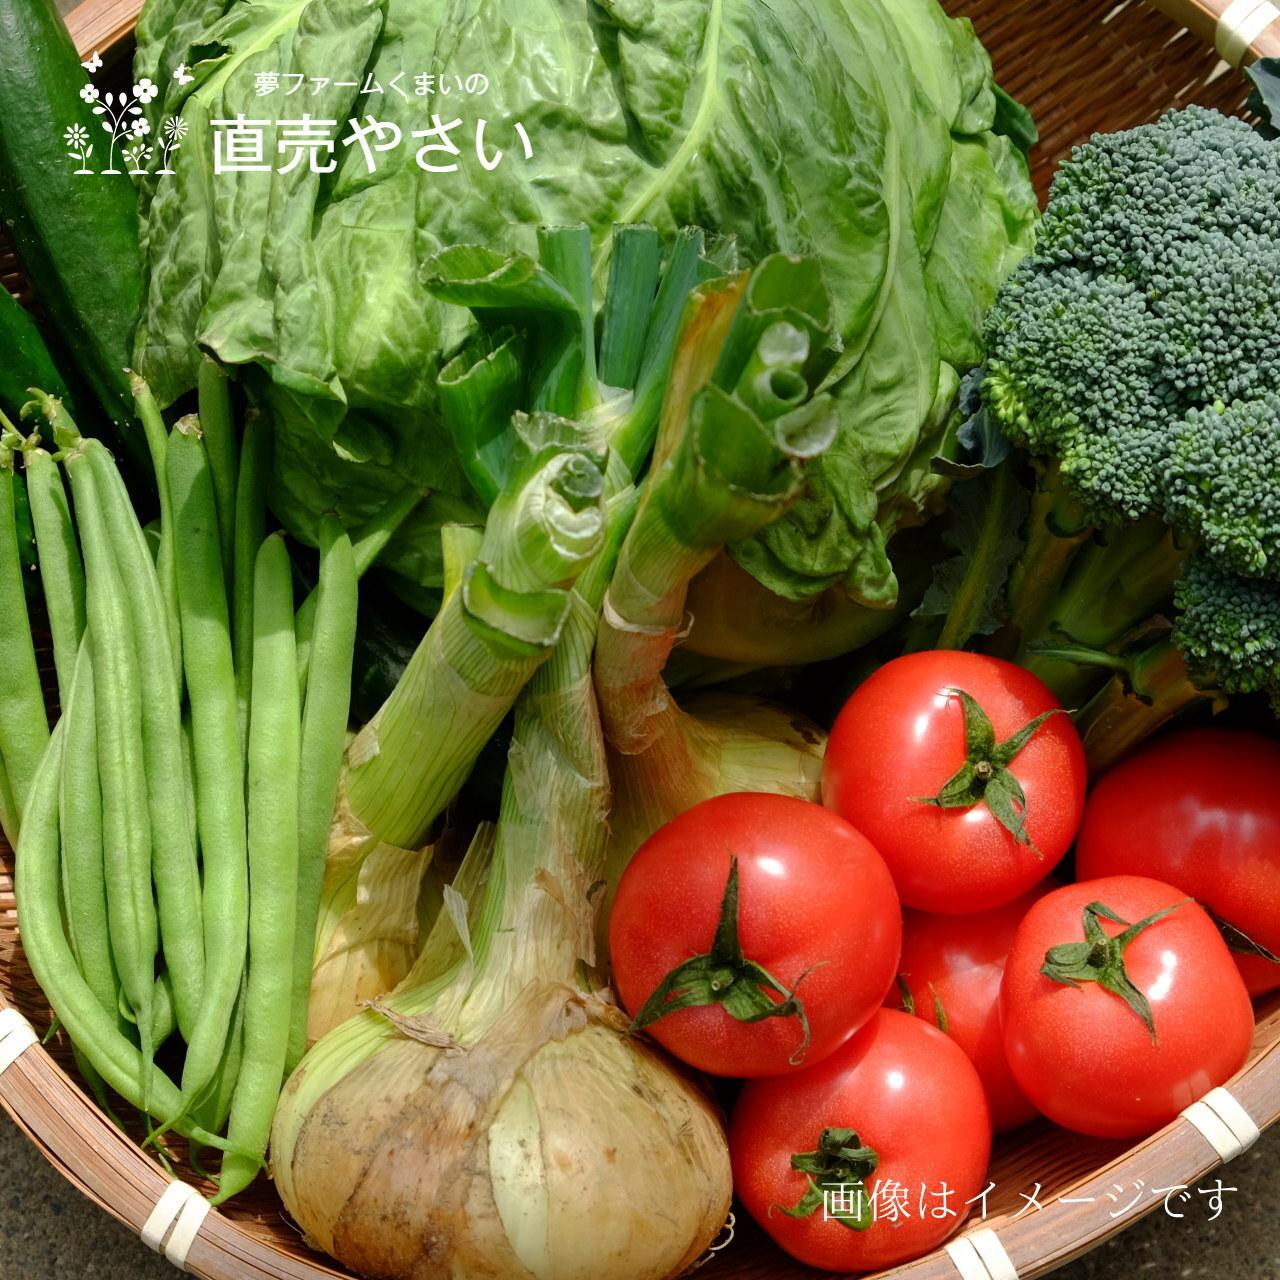 送料無料 9月の朝採り夏野菜詰合せ 8点セット 農家直売 野菜セット 毎週土曜日発送予定  【冷蔵便】